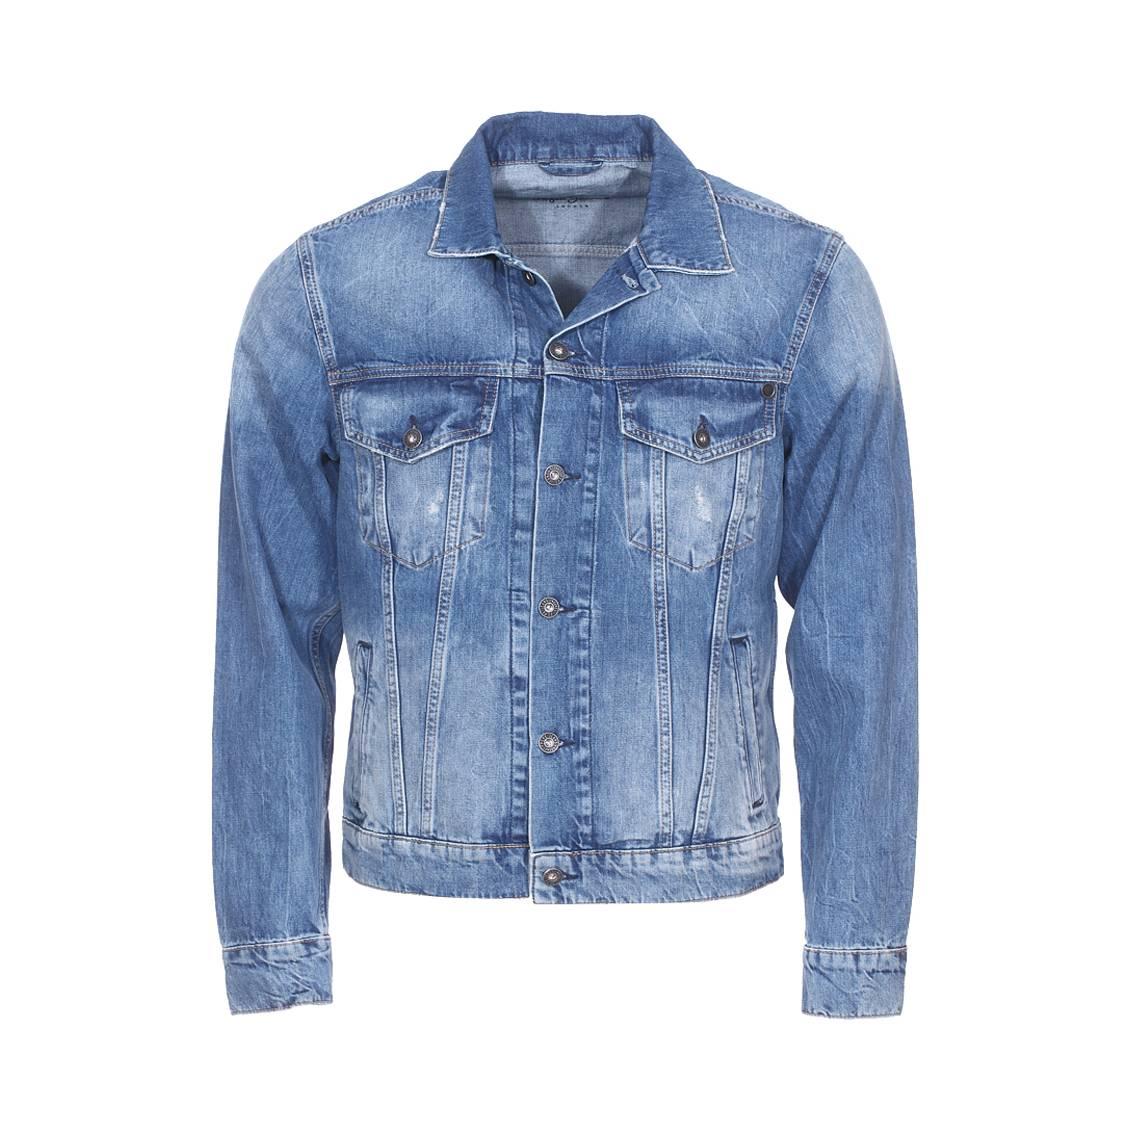 Veste en jean  pinner bleu délavé, effet usé